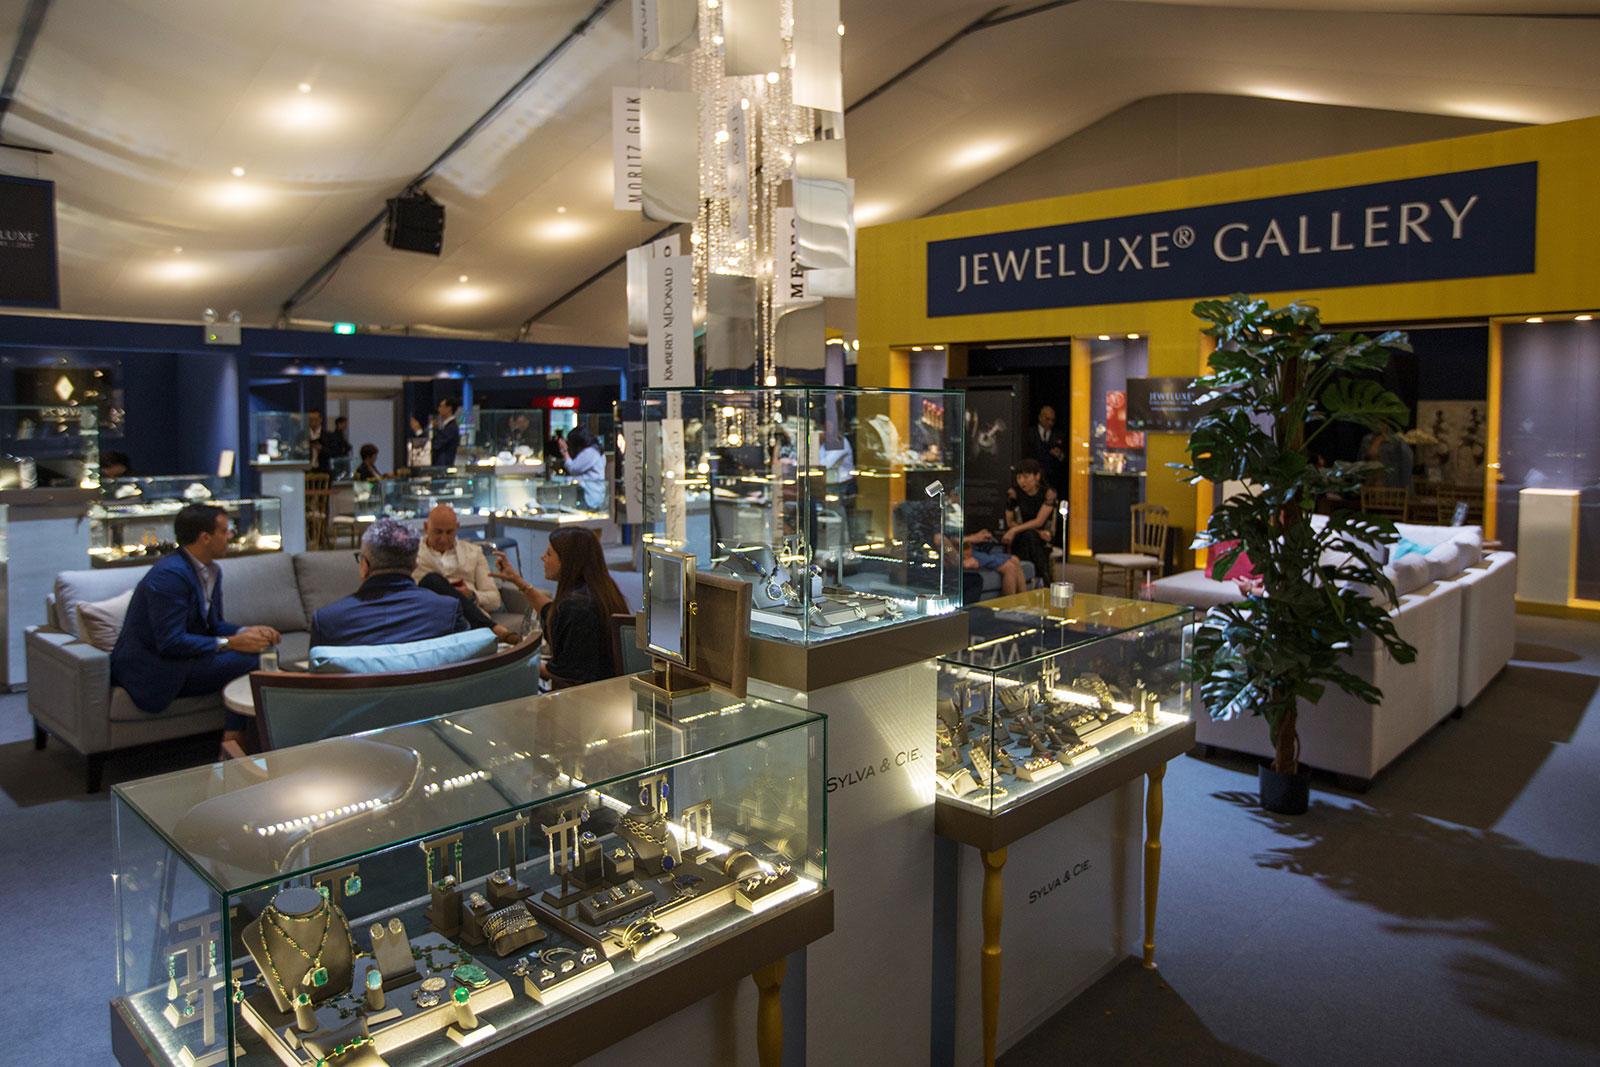 Jeweluxe Singapore 2017